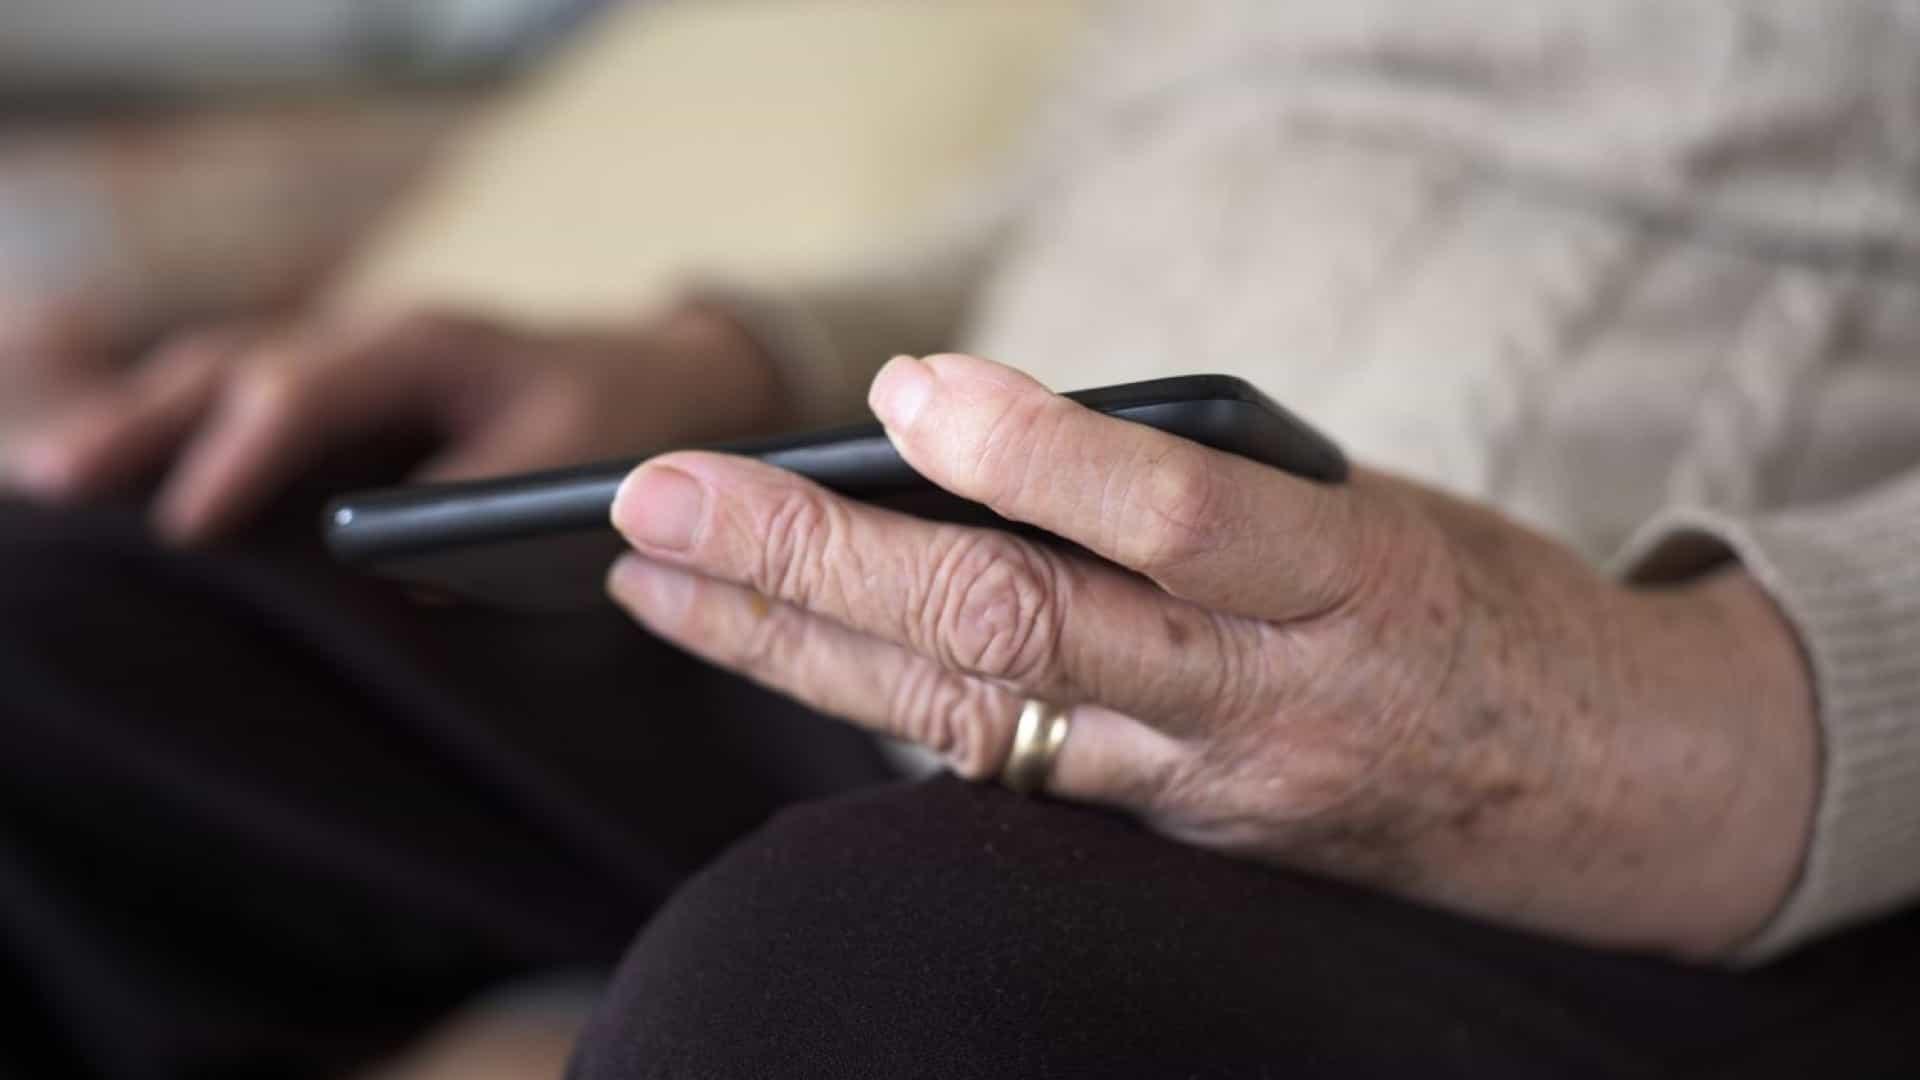 Cuidados a utentes em lares ilegais preocupa comissão de utentes da Saúde do Médio Tejo